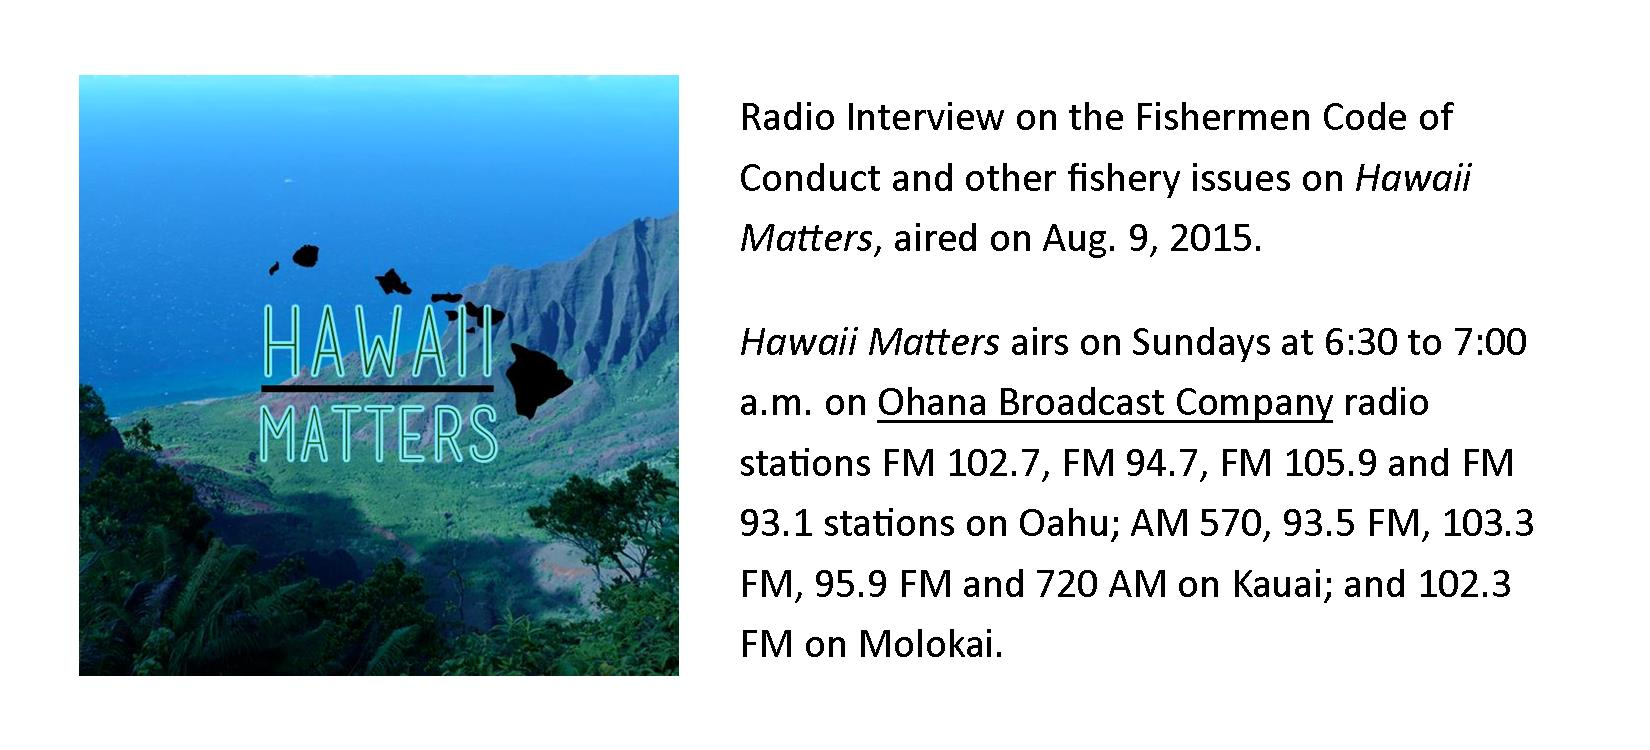 Hawaii Matter ad pic